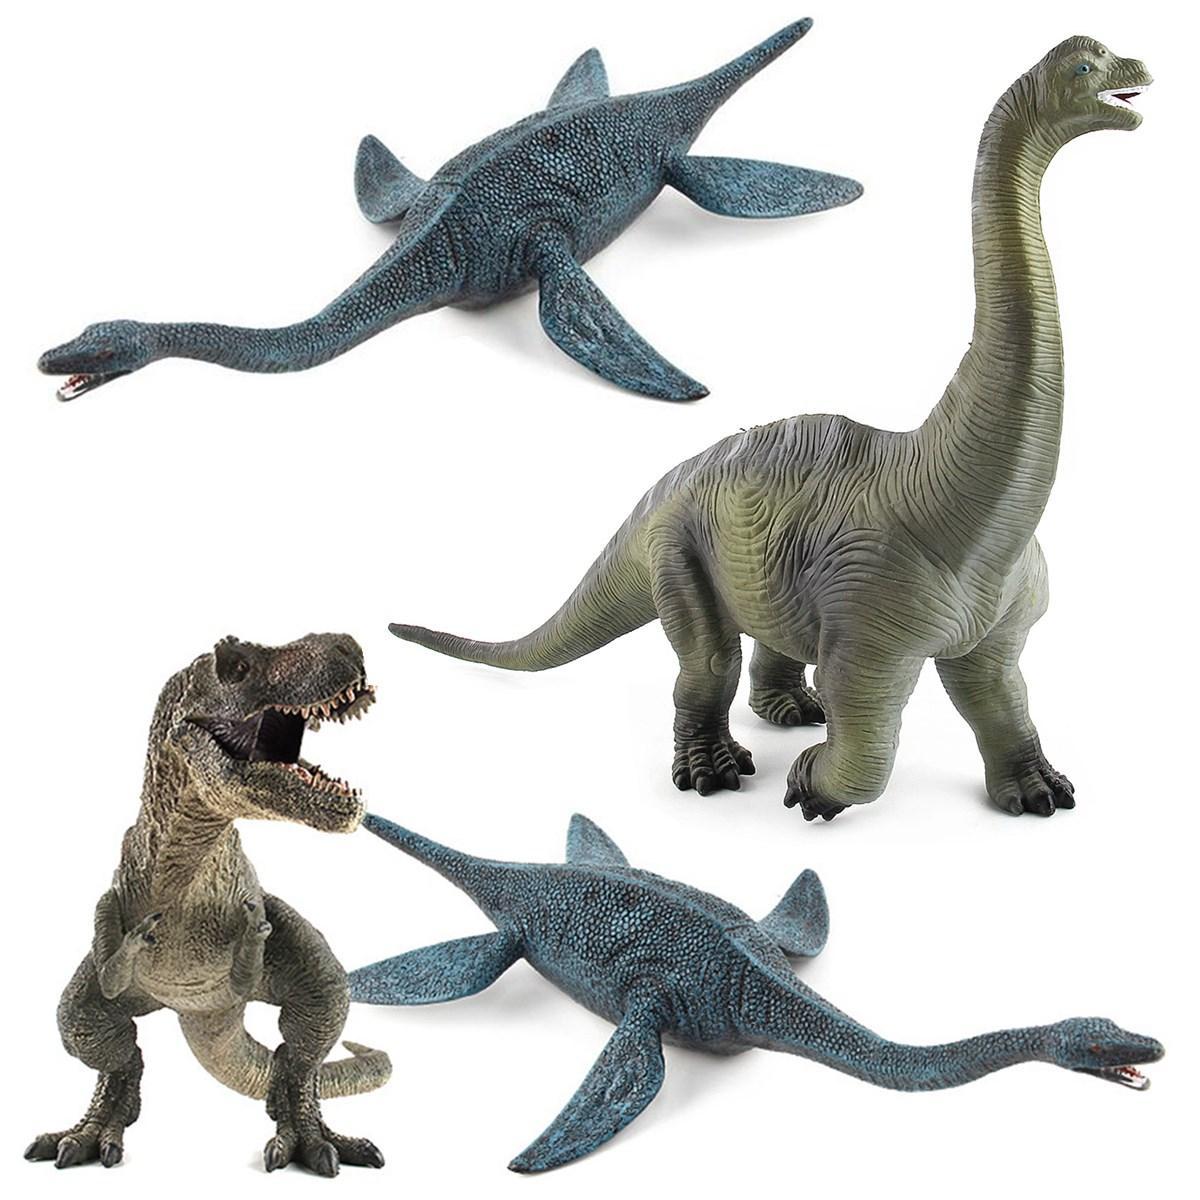 Большая игрушка динозавров Brachiosaurus Реалистичная твердая пластиковая модель Diecast для детей - 2